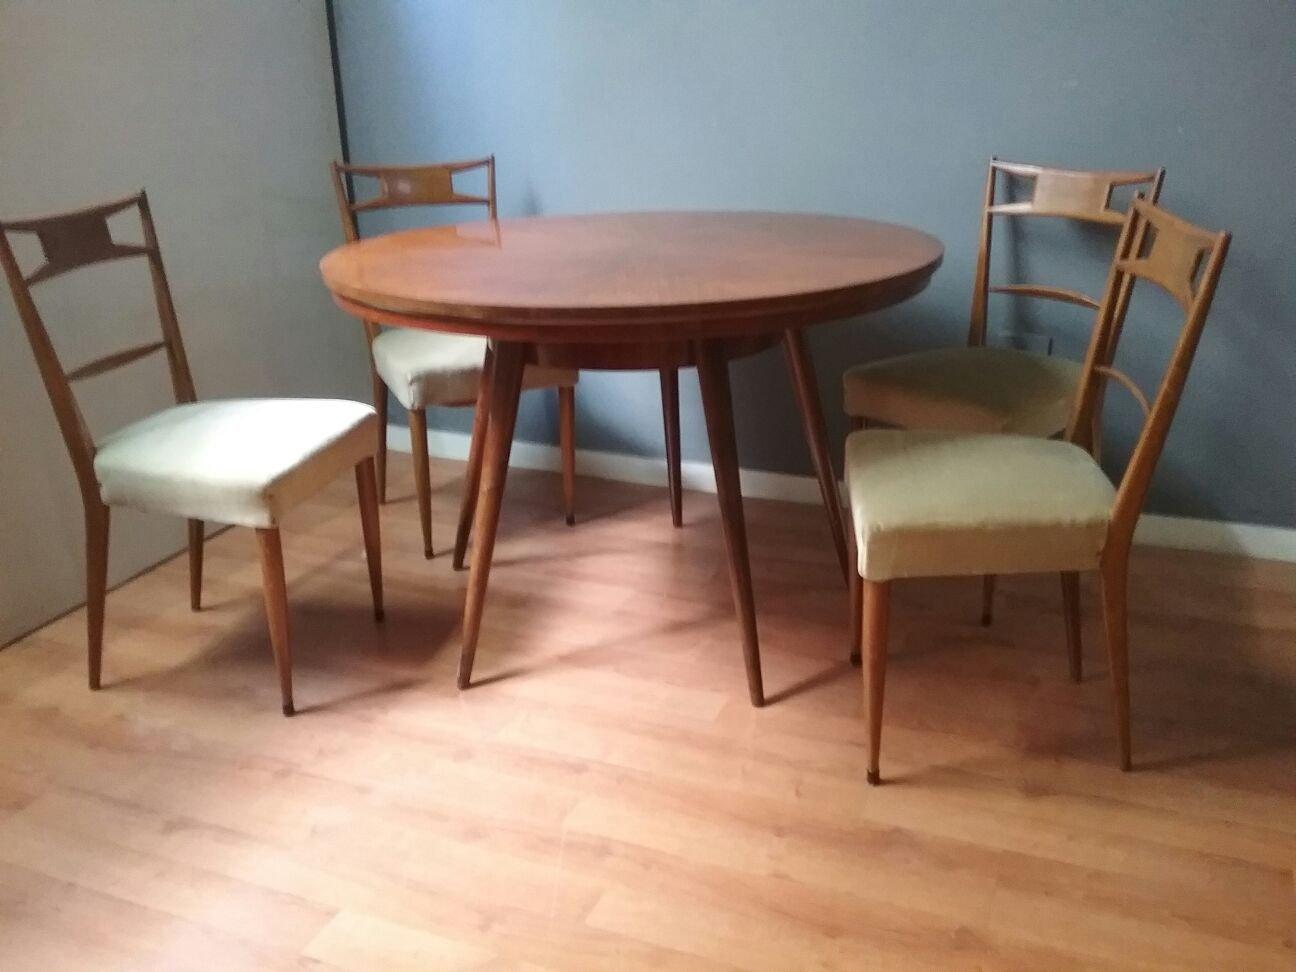 Table De Salle A Manger Chaises Vintage 1950s En Vente Sur Pamono